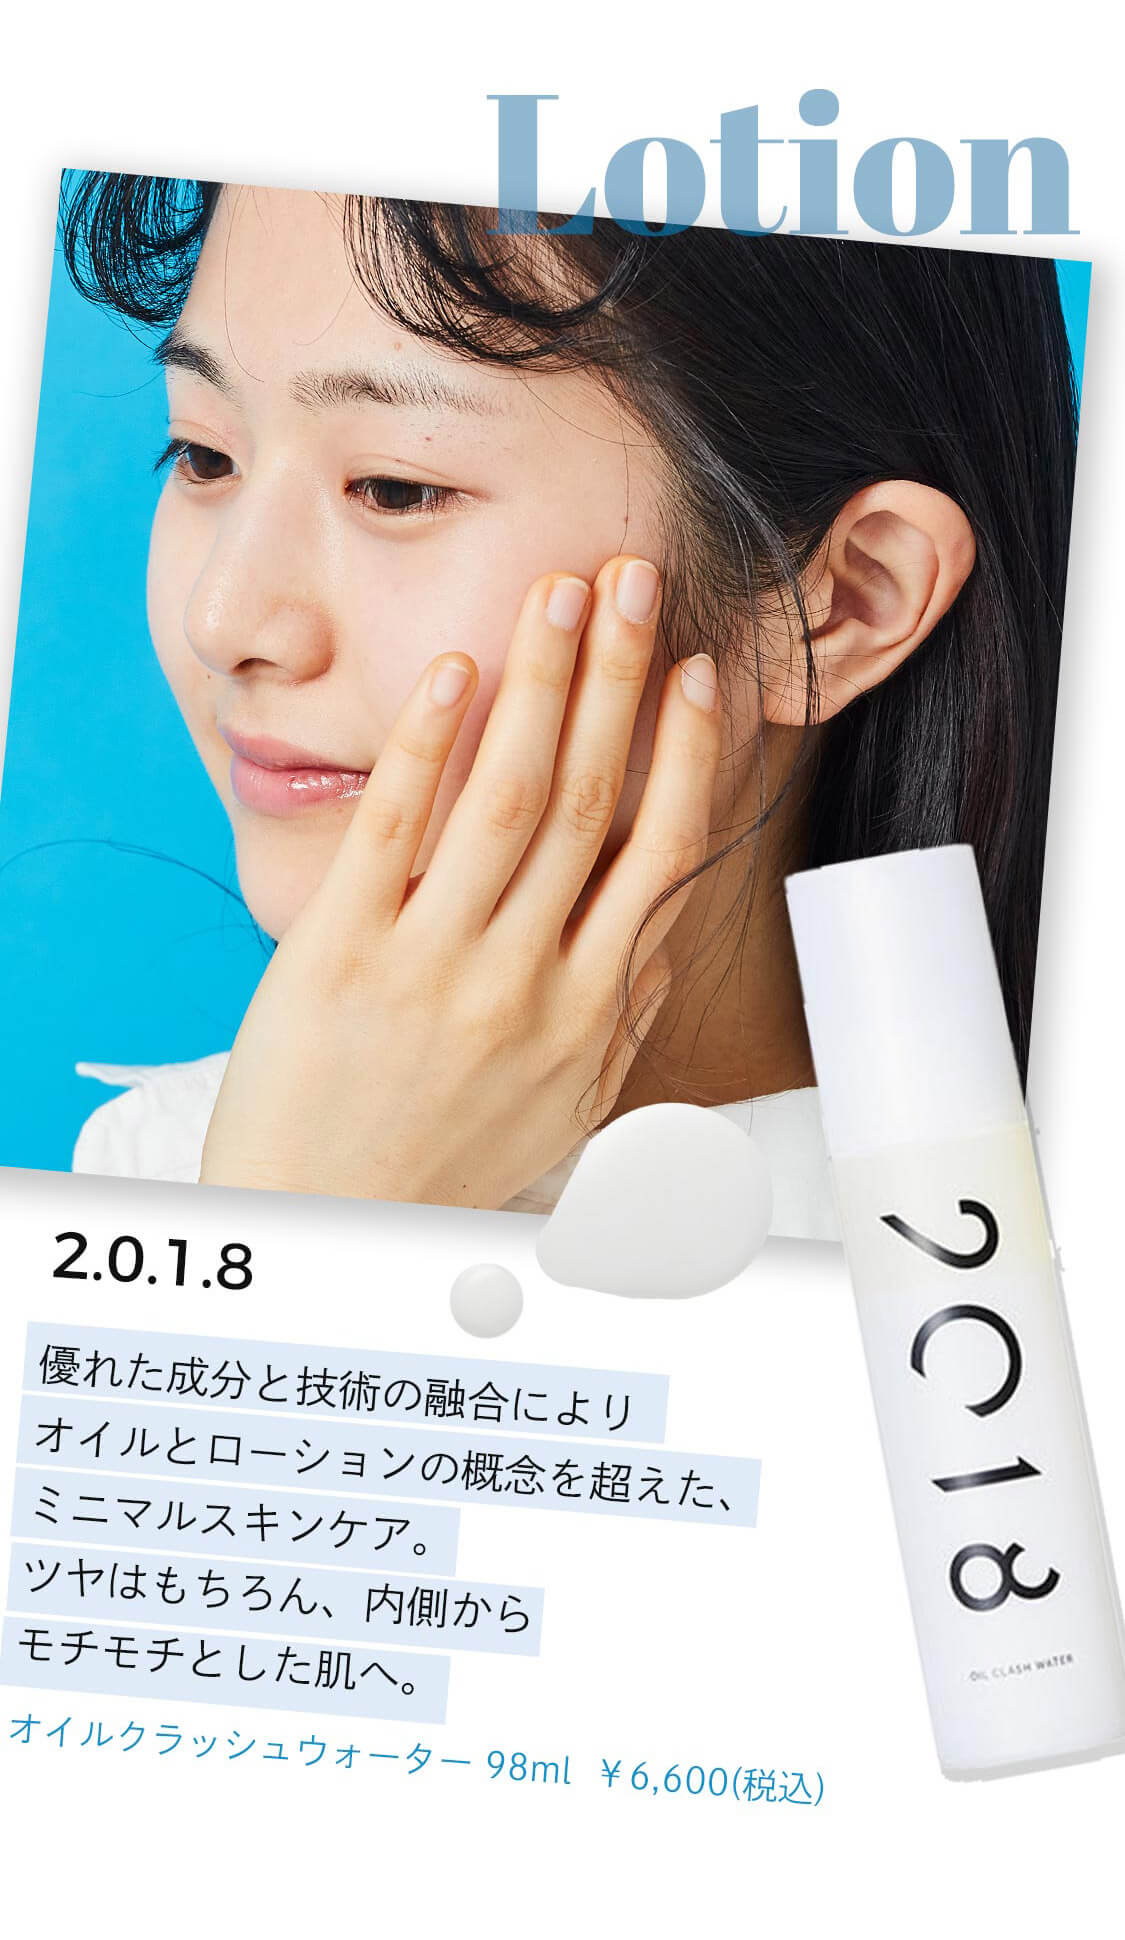 2.0.1.8 オイルクラッシュウォーター 98ml  ¥6,600(税込)